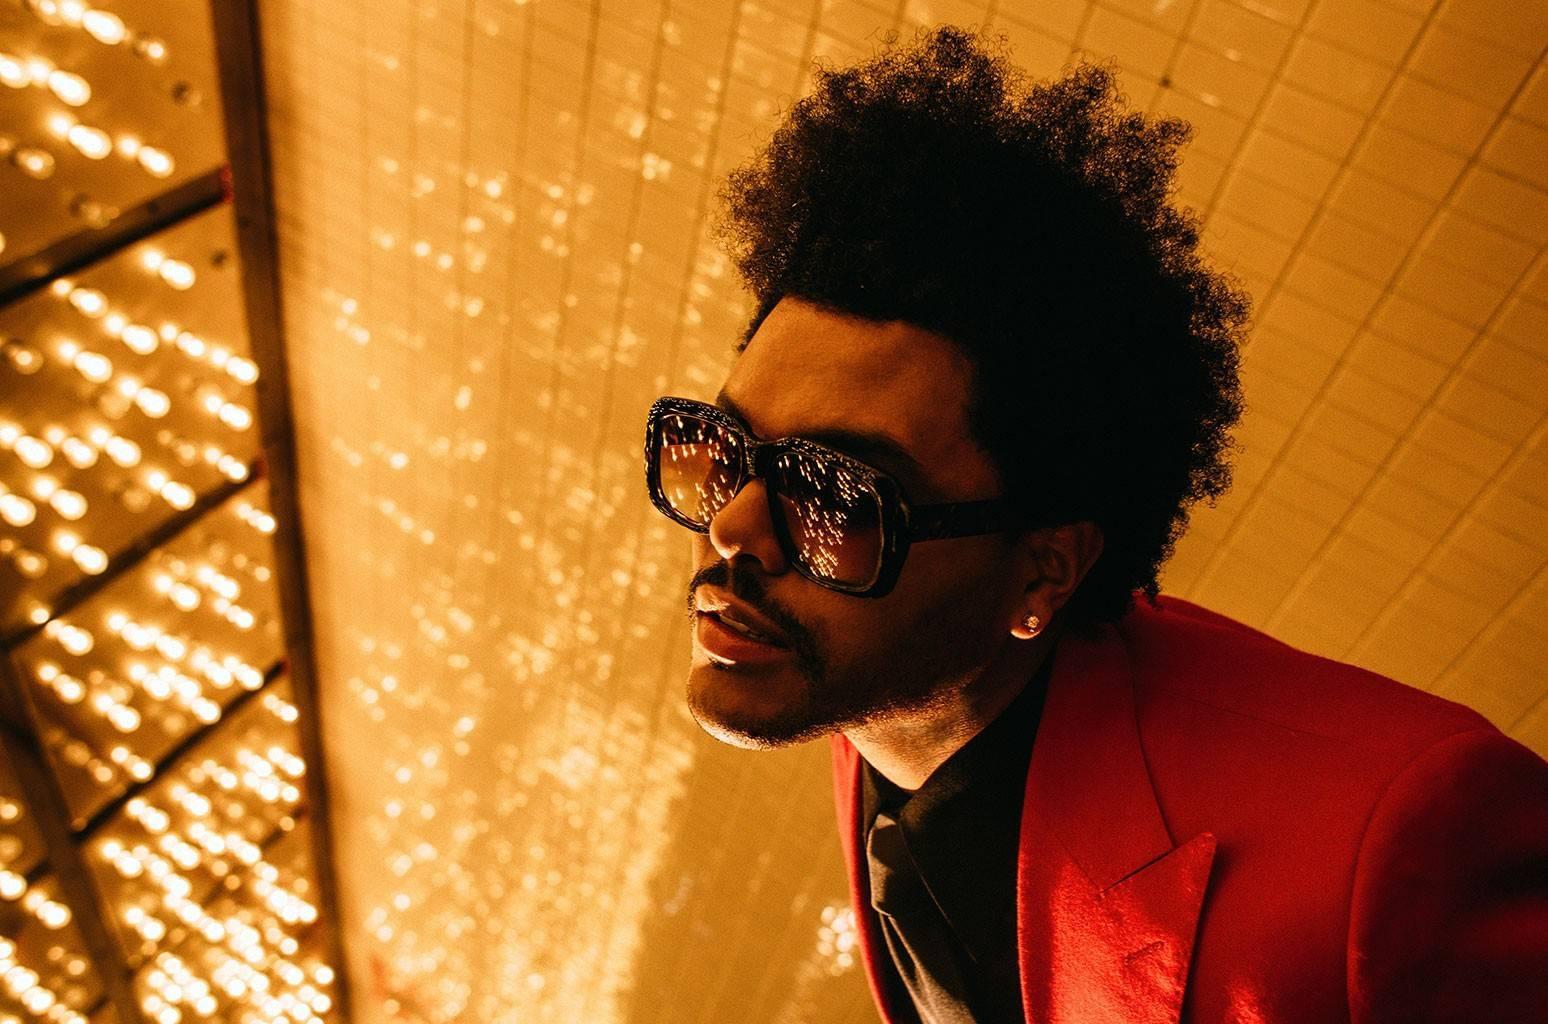 Celebrul artist The Weeknd acuză Premiile Grammy de corupție